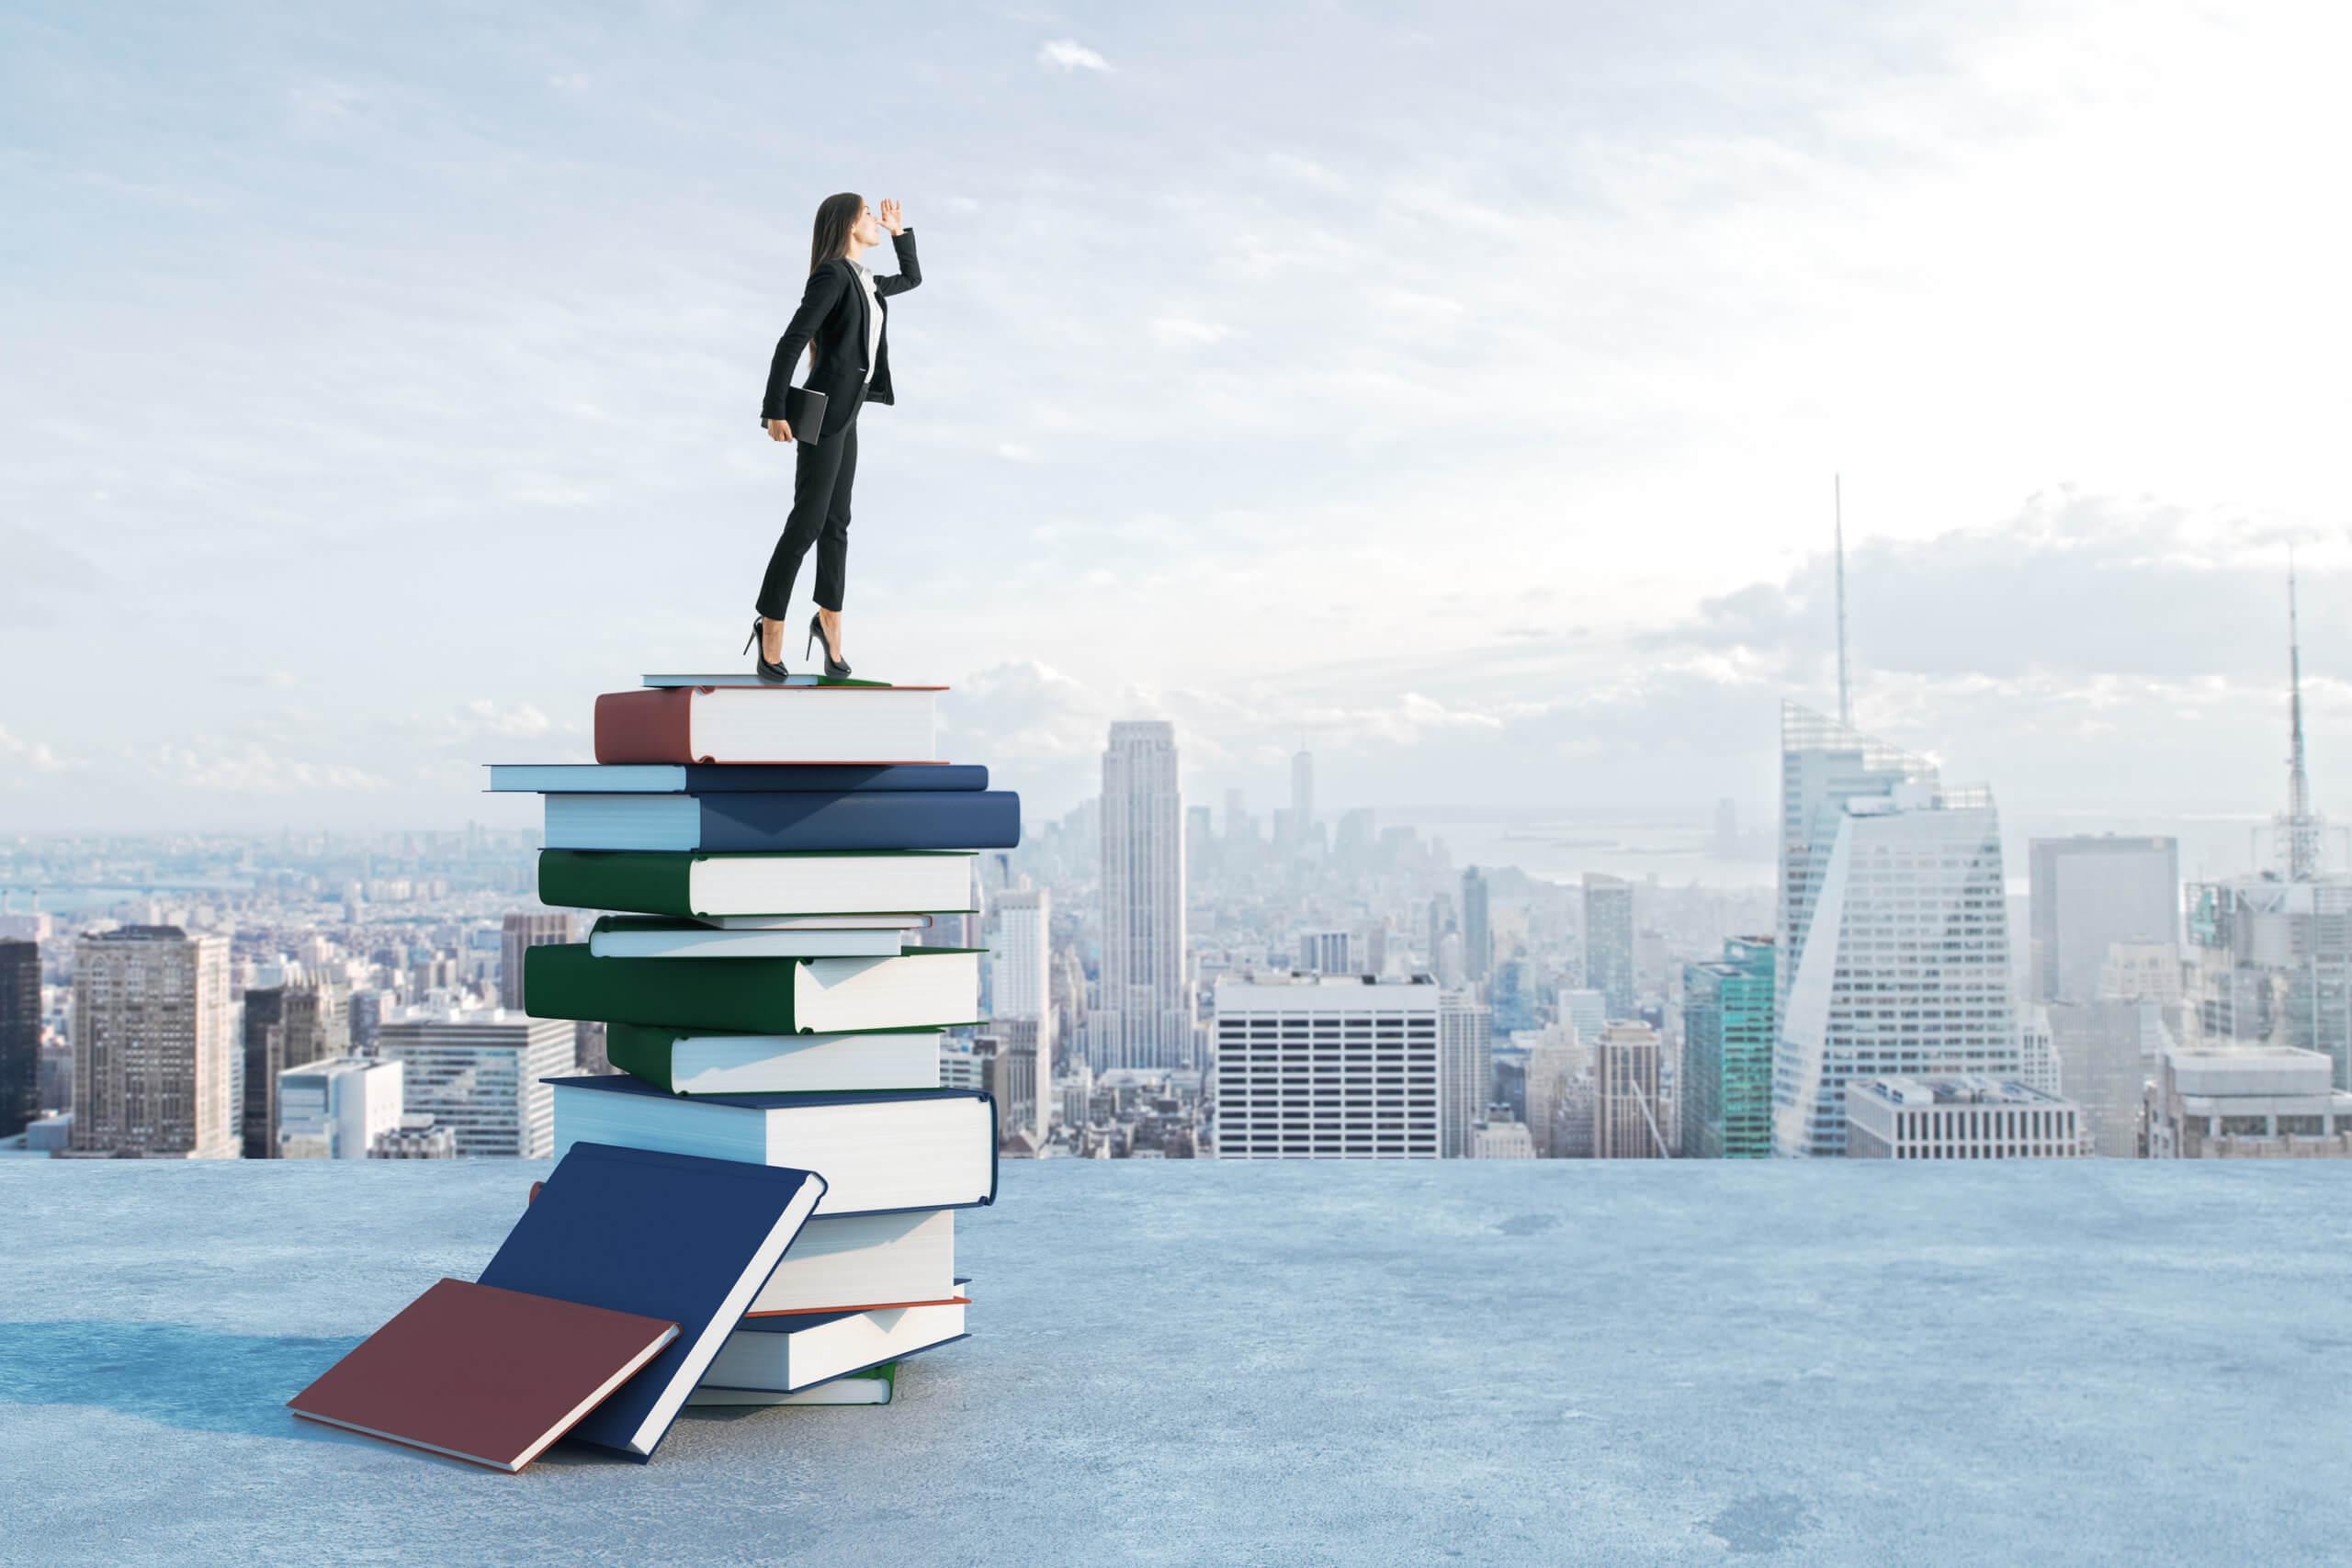 Liderazgo libros: los 7 mejores libros que puedes leer sobre liderazgo